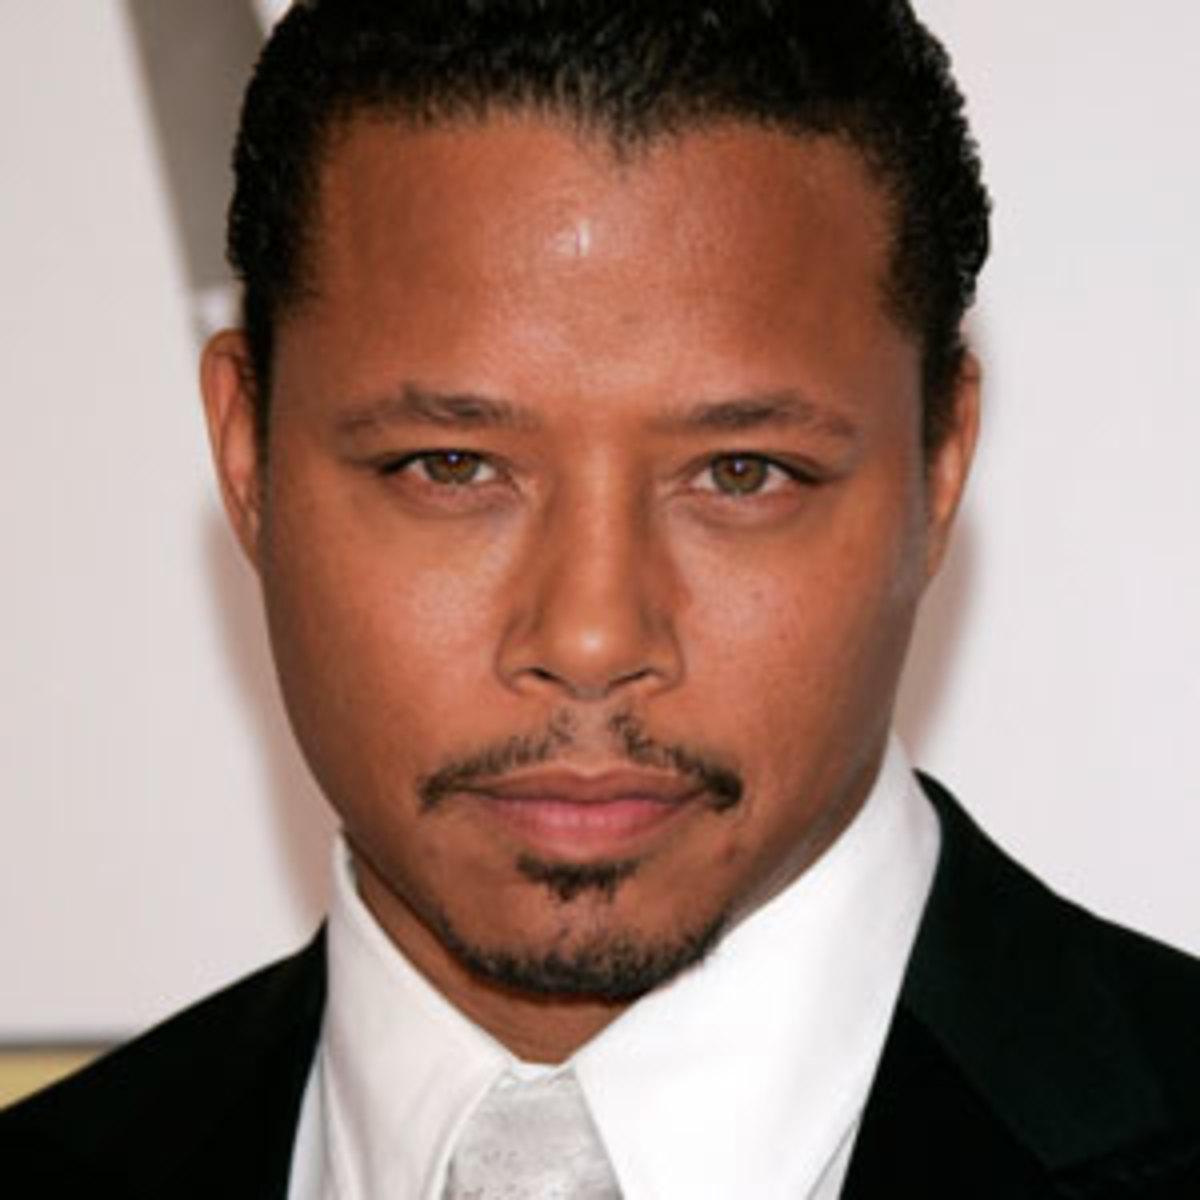 the-hottest-black-men-over-40